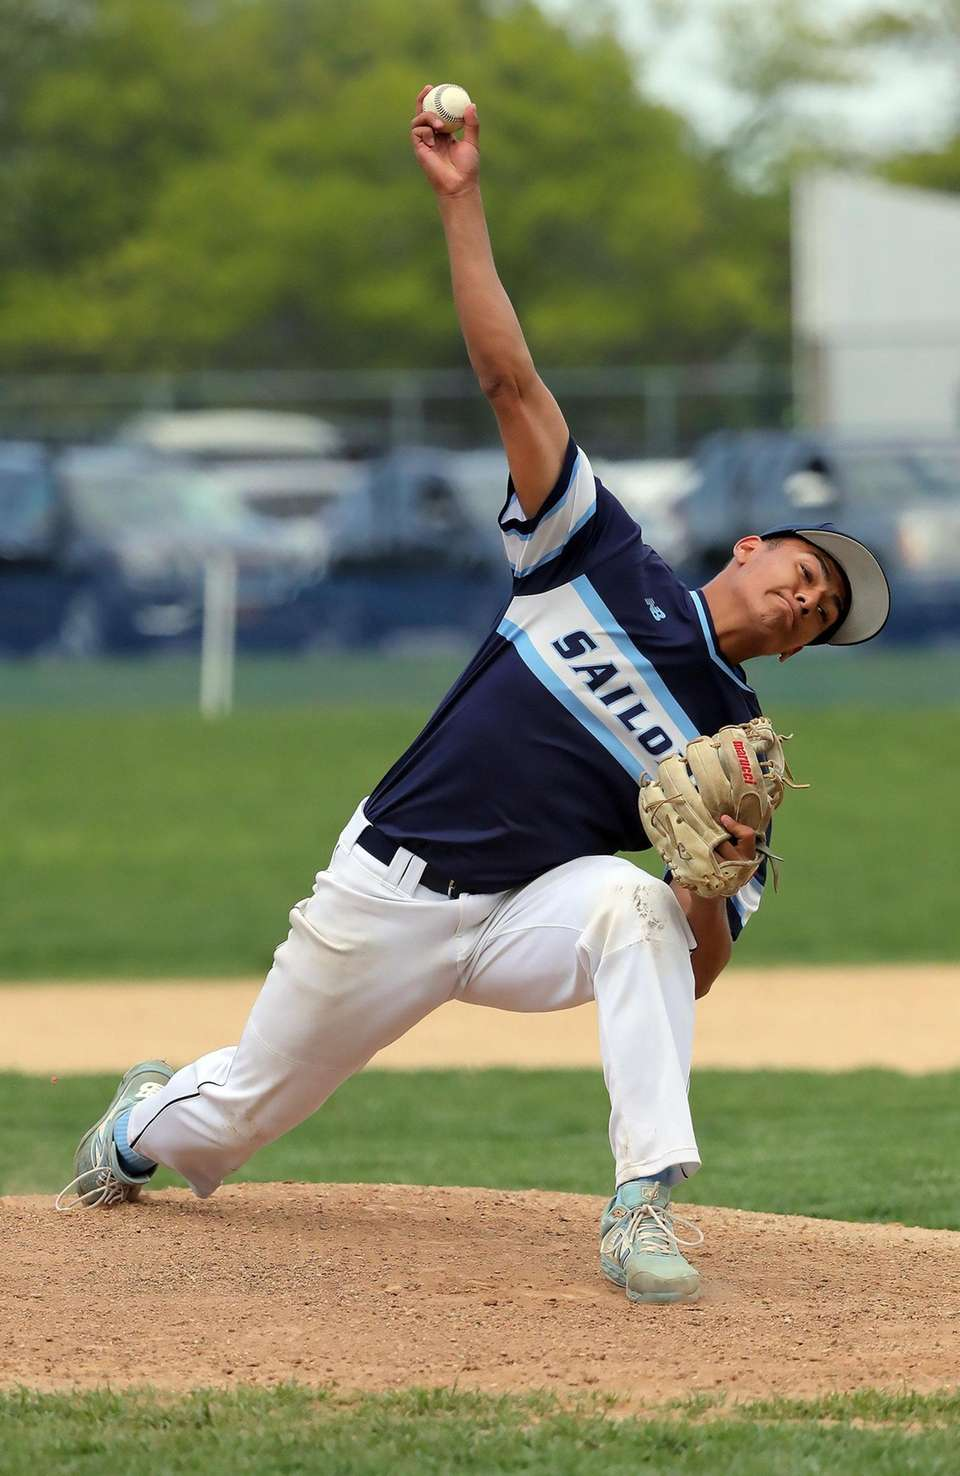 Oceanside's starting pitcher Leo Alvarez (11) delivers a